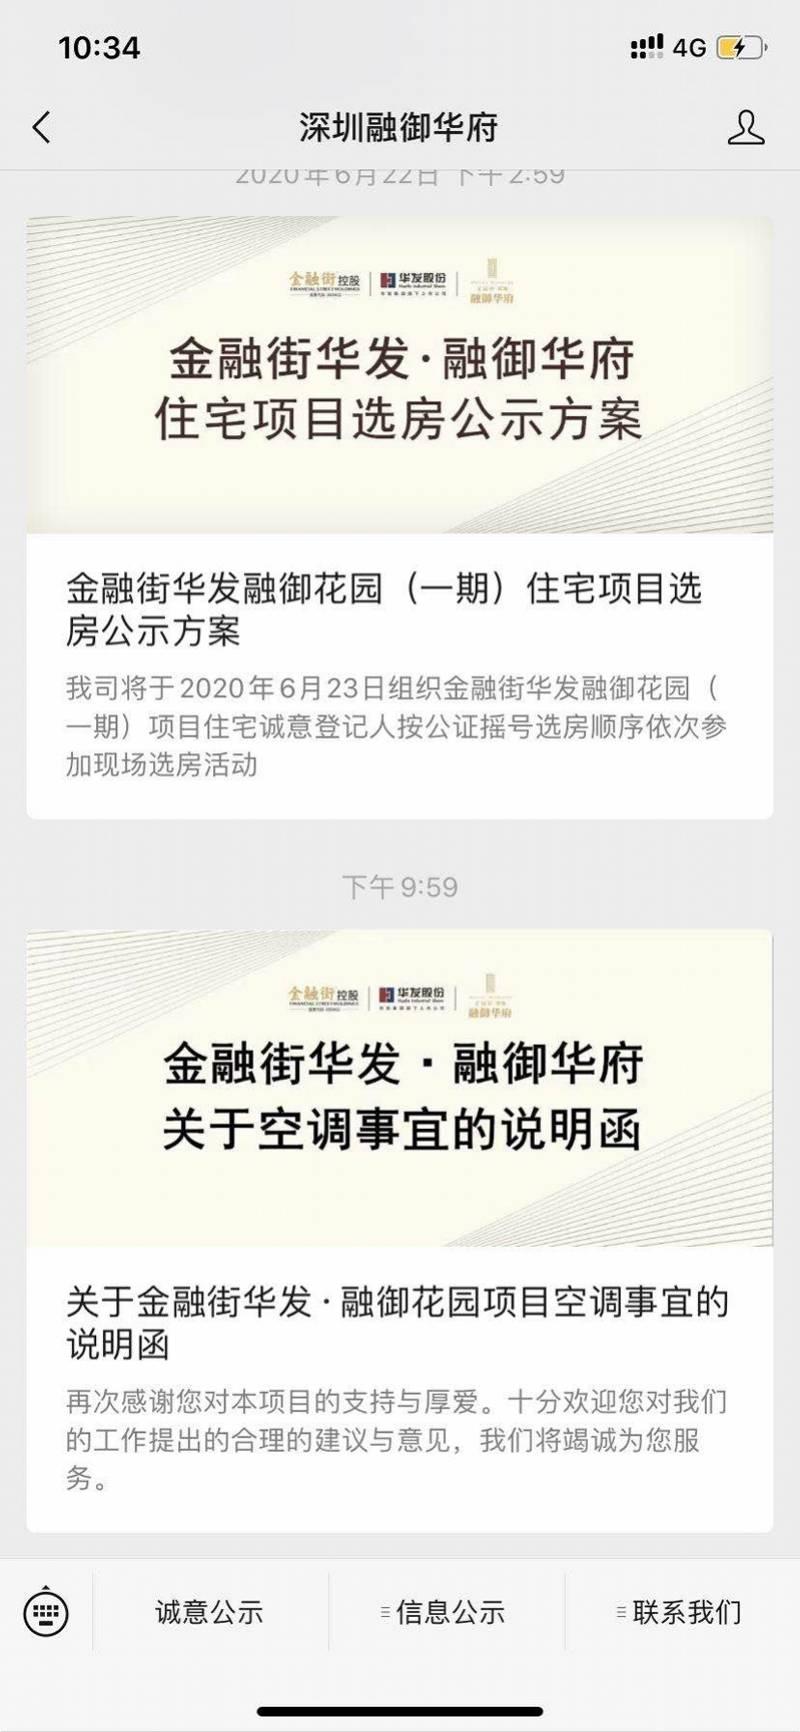 空调|深圳网红盘被质疑签约前捆绑卖空调后续,购房者:接到通知可签约